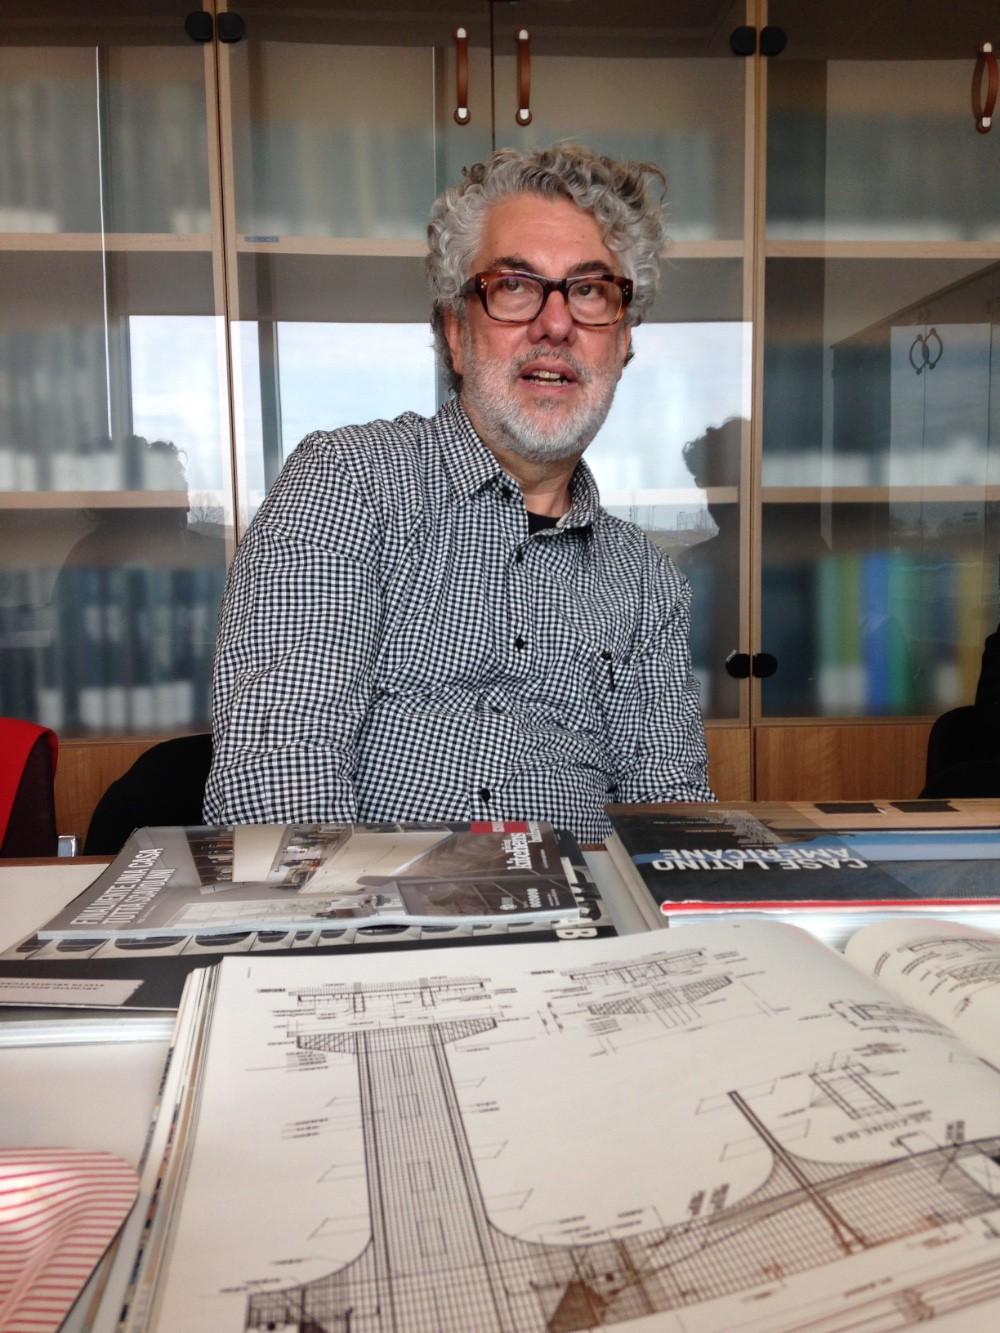 L'architetto brasiliano Marcio Kogan in visita alla redazione di CASABELLA a Segrate giovedì scorso 26 febbraio imagecredits Maria Pilar Vettori